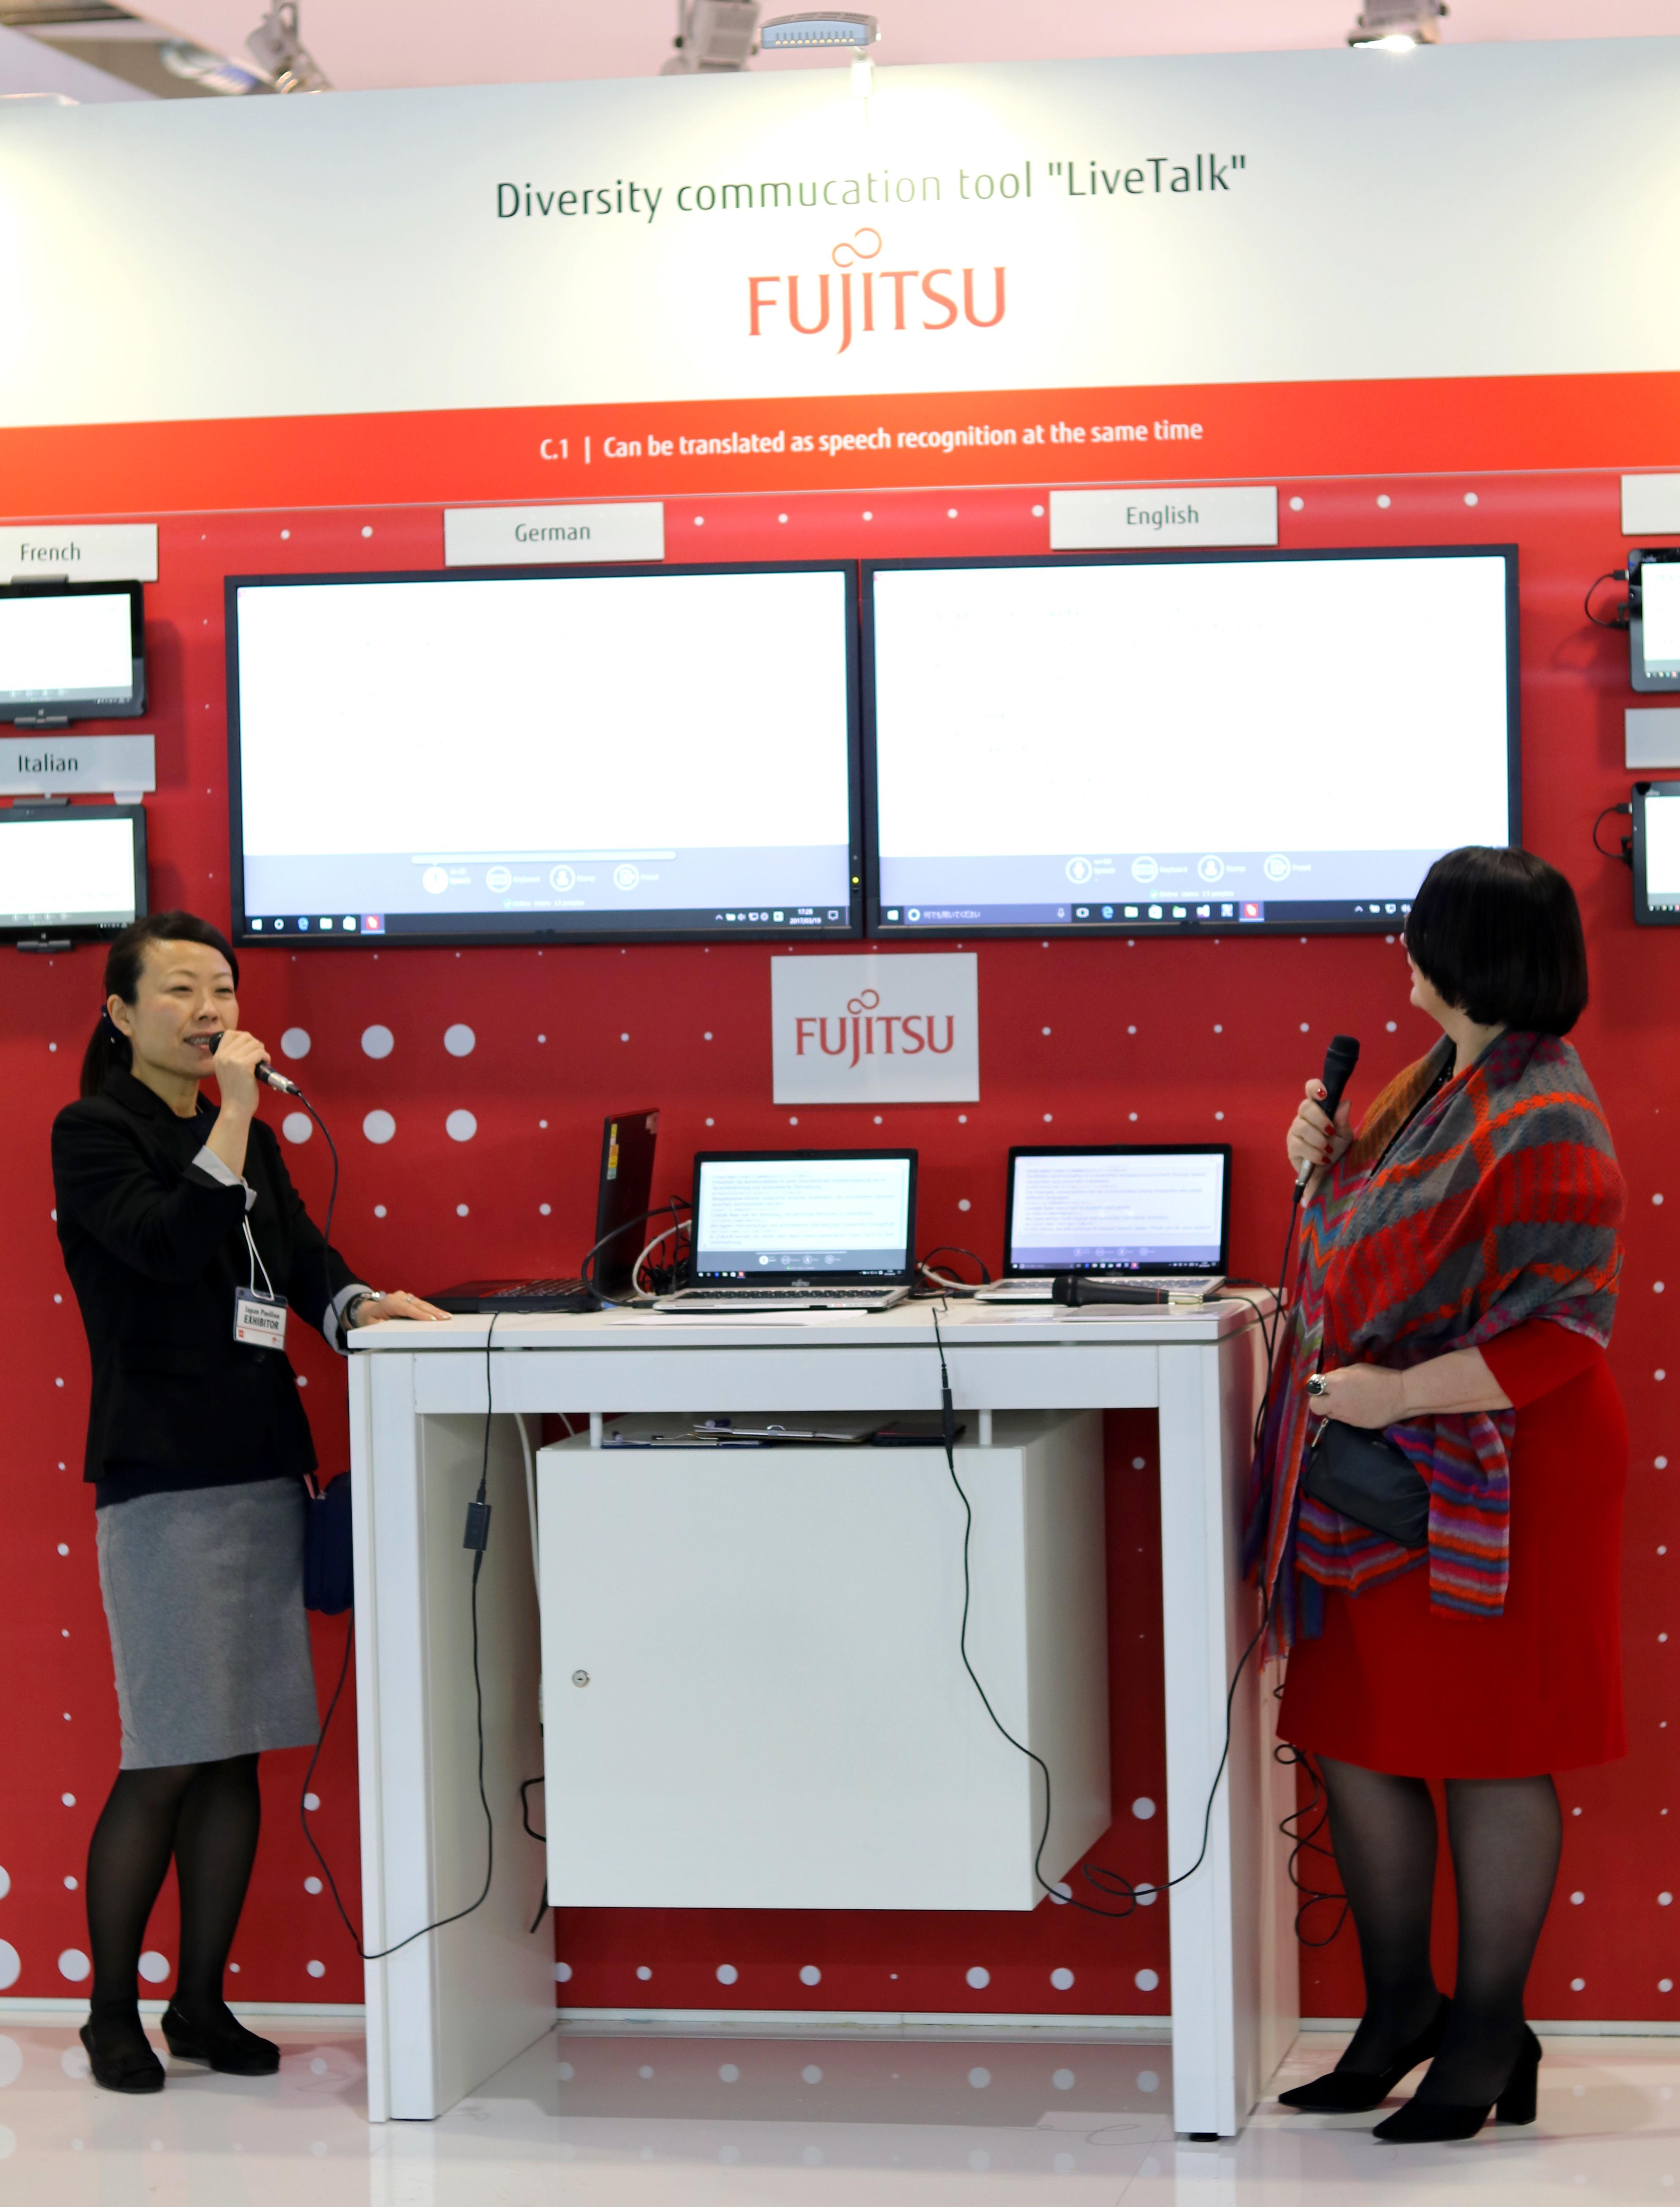 Fujitsu presenta LIVE TALK, un traductor basado en Inteligencia Artificial que traduce 19 idiomas en tiempo real Fujitsu-livetalk-1